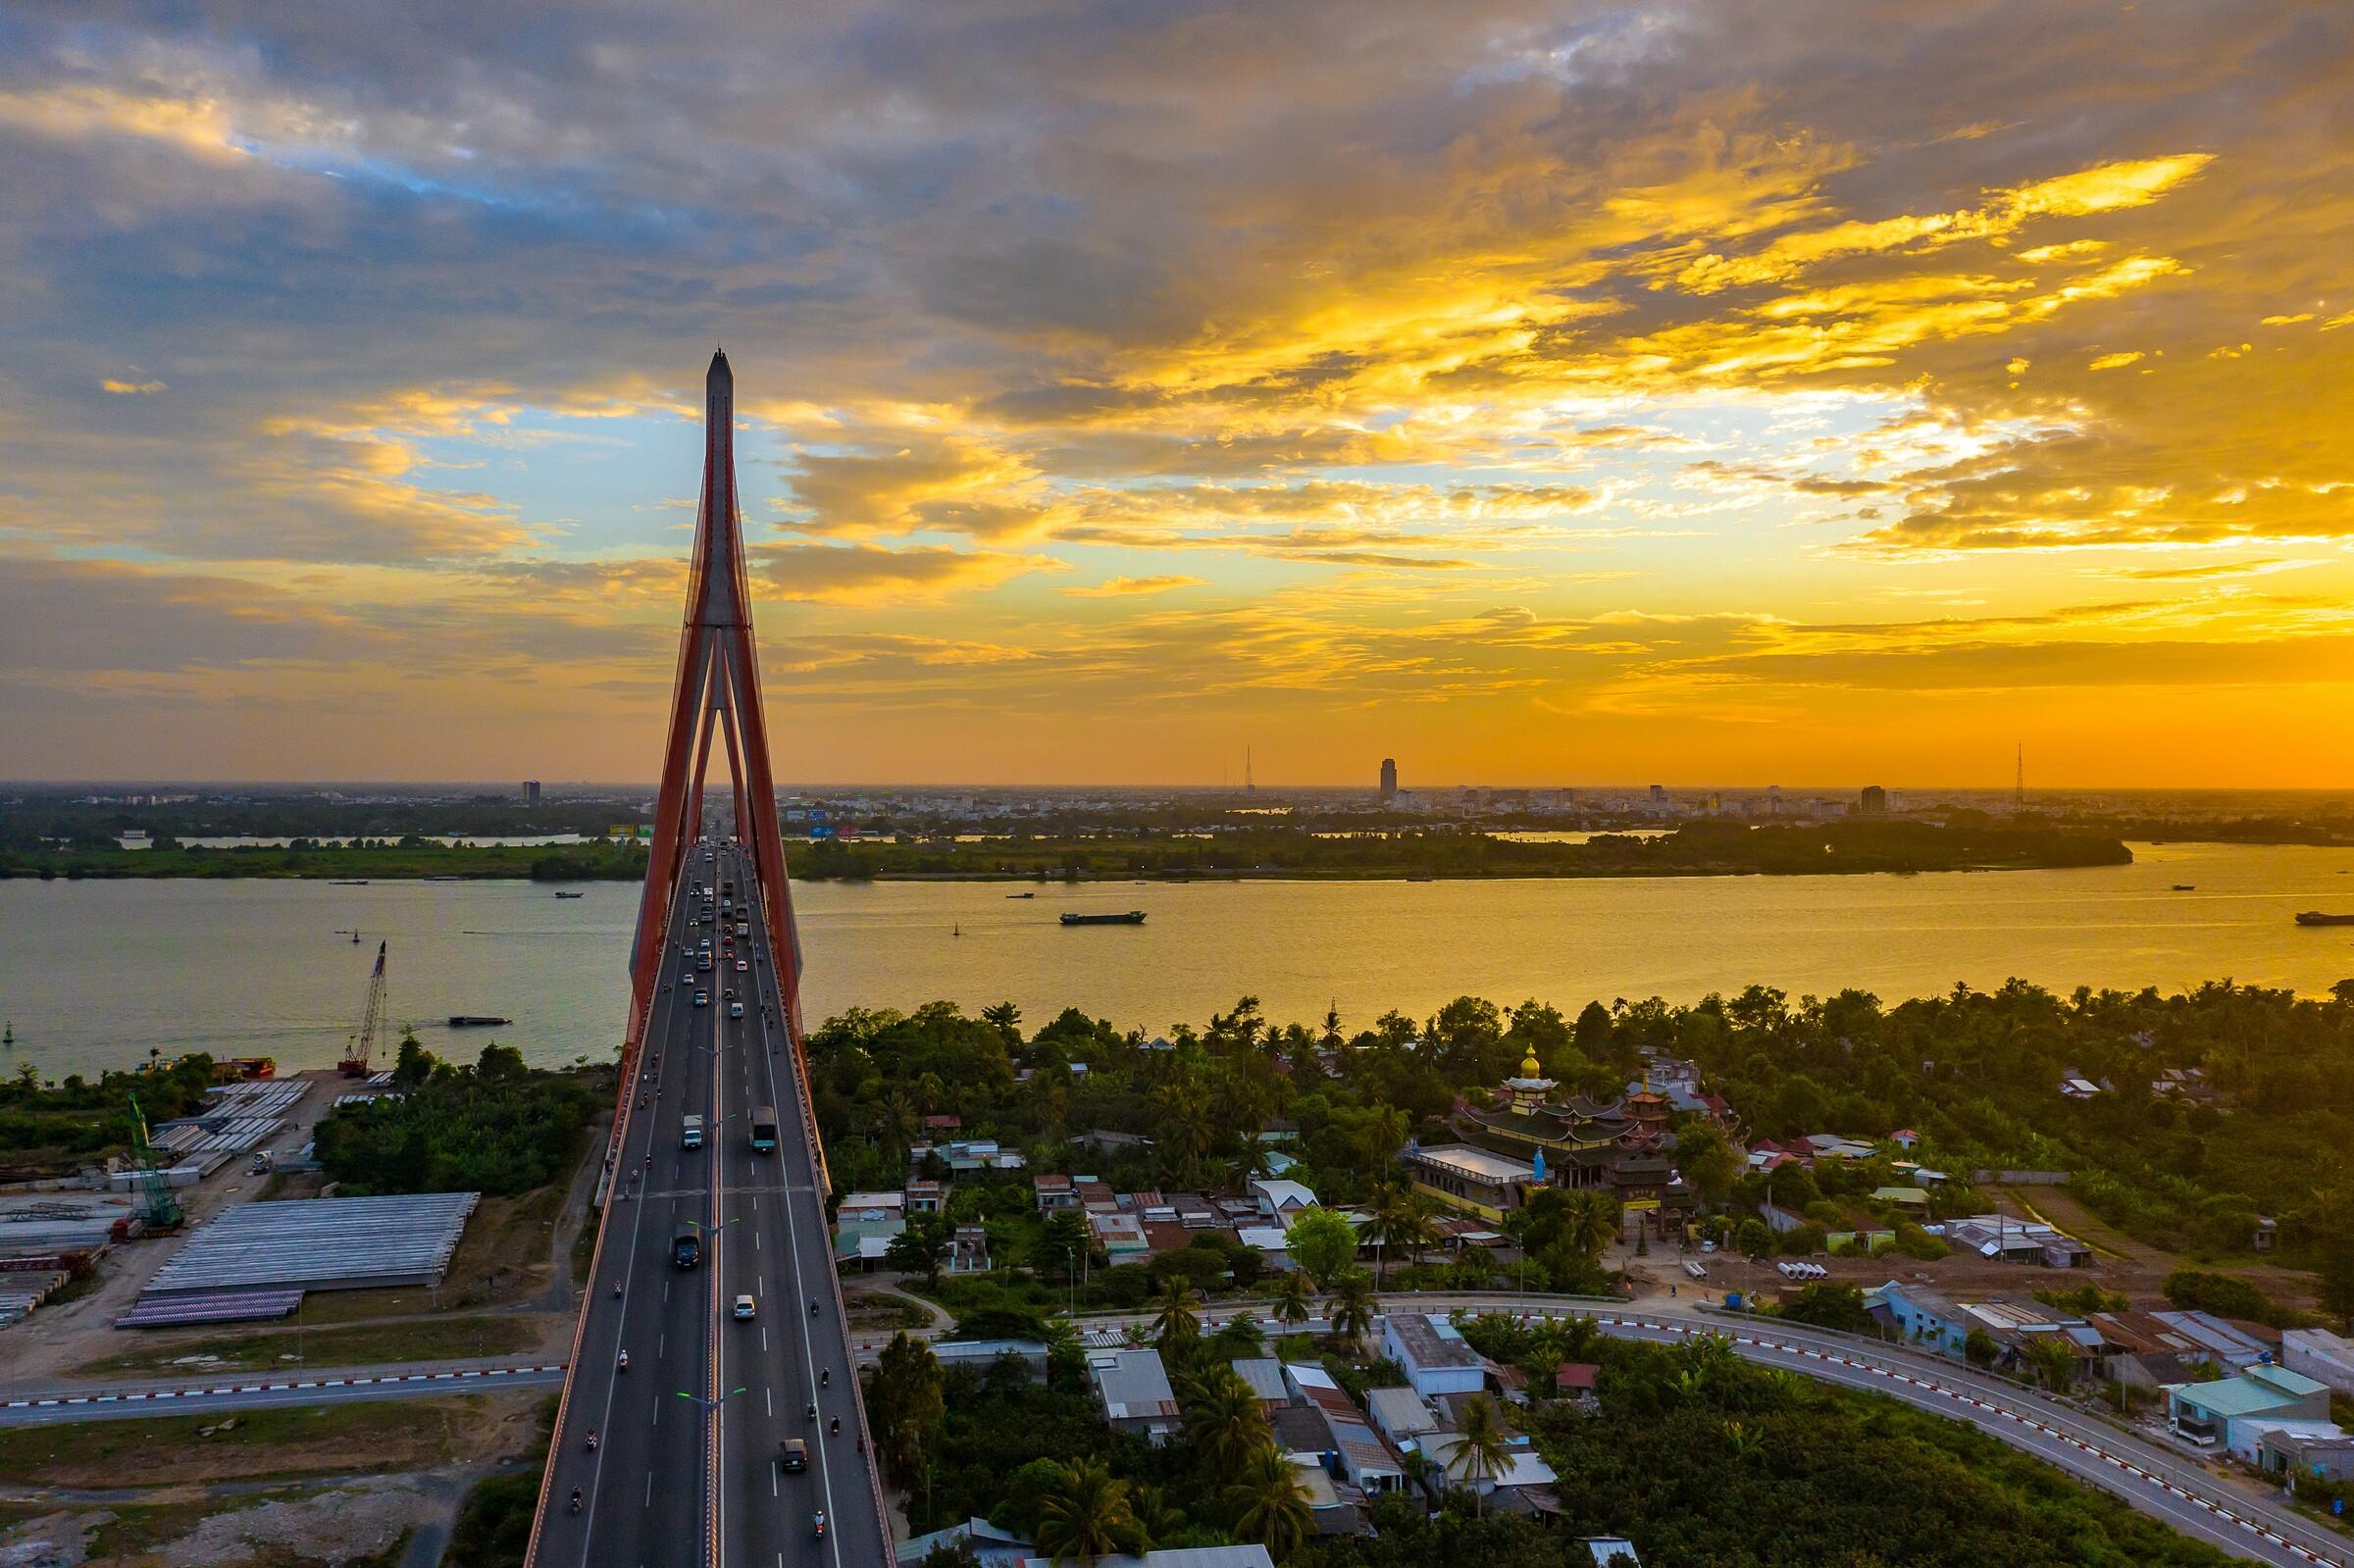 Cầu Cần Thơ trên Quốc lộ 1. Ảnh: Shutterstock.